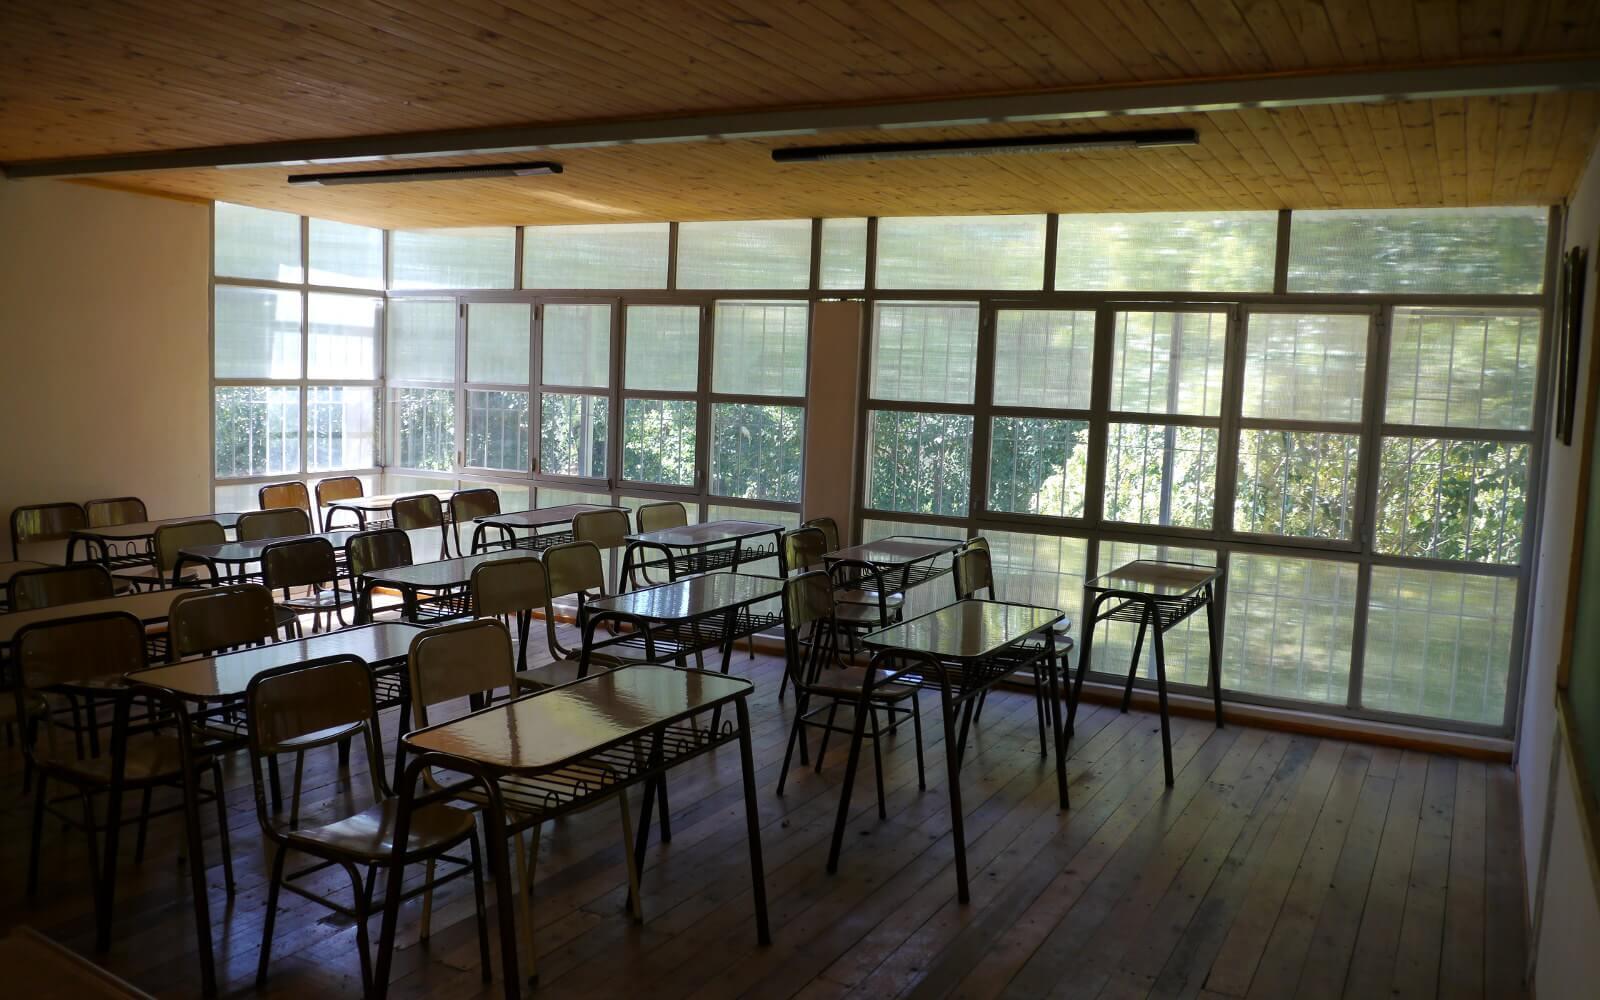 Klassenzimmer einer Argentinischen Schule